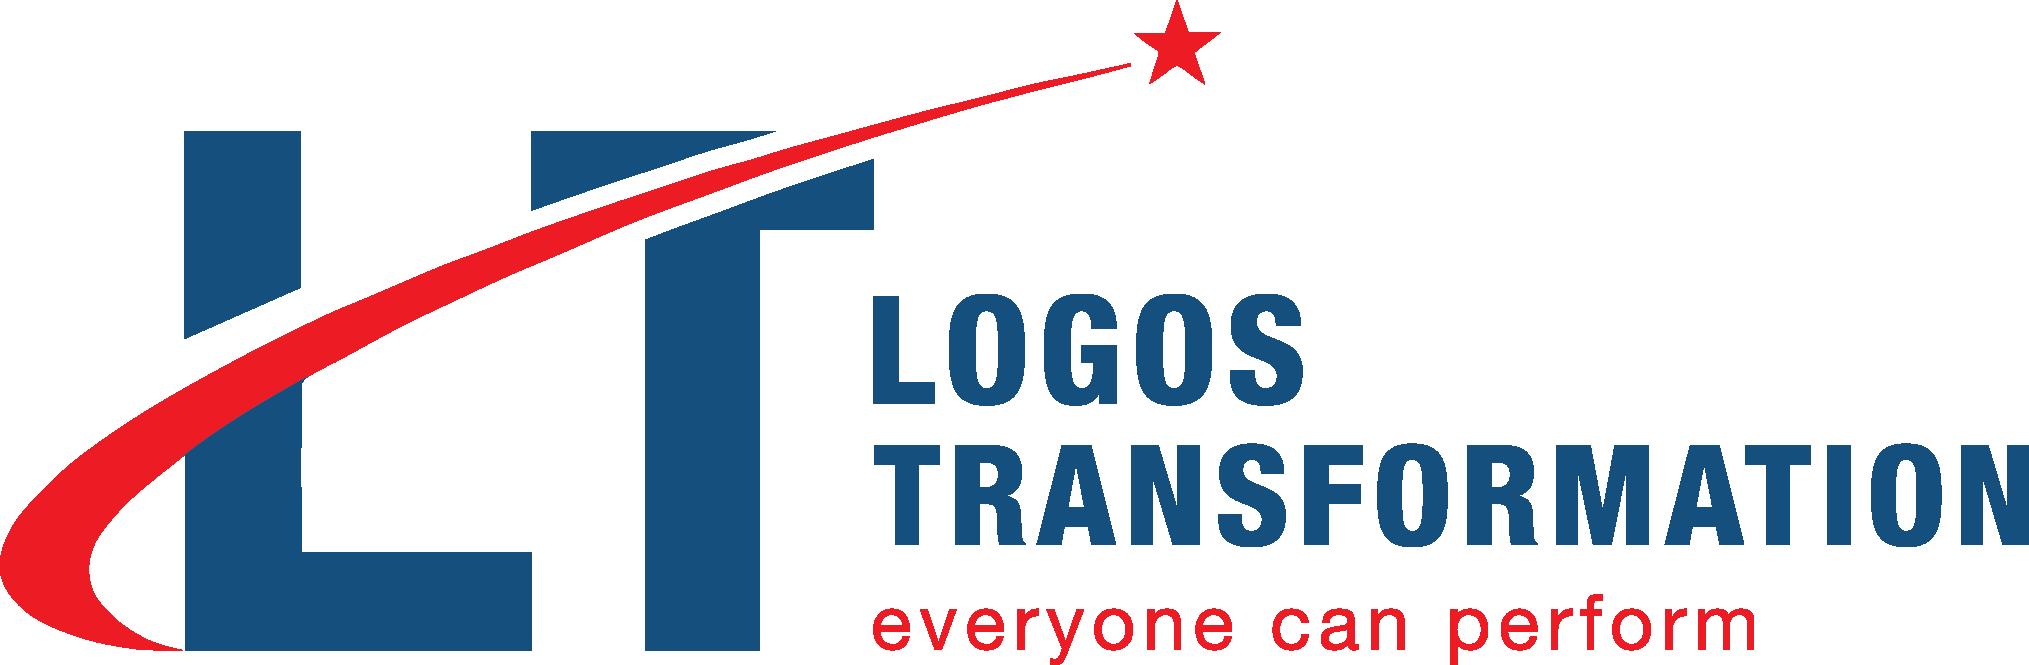 LOGOS Transformation (LT)